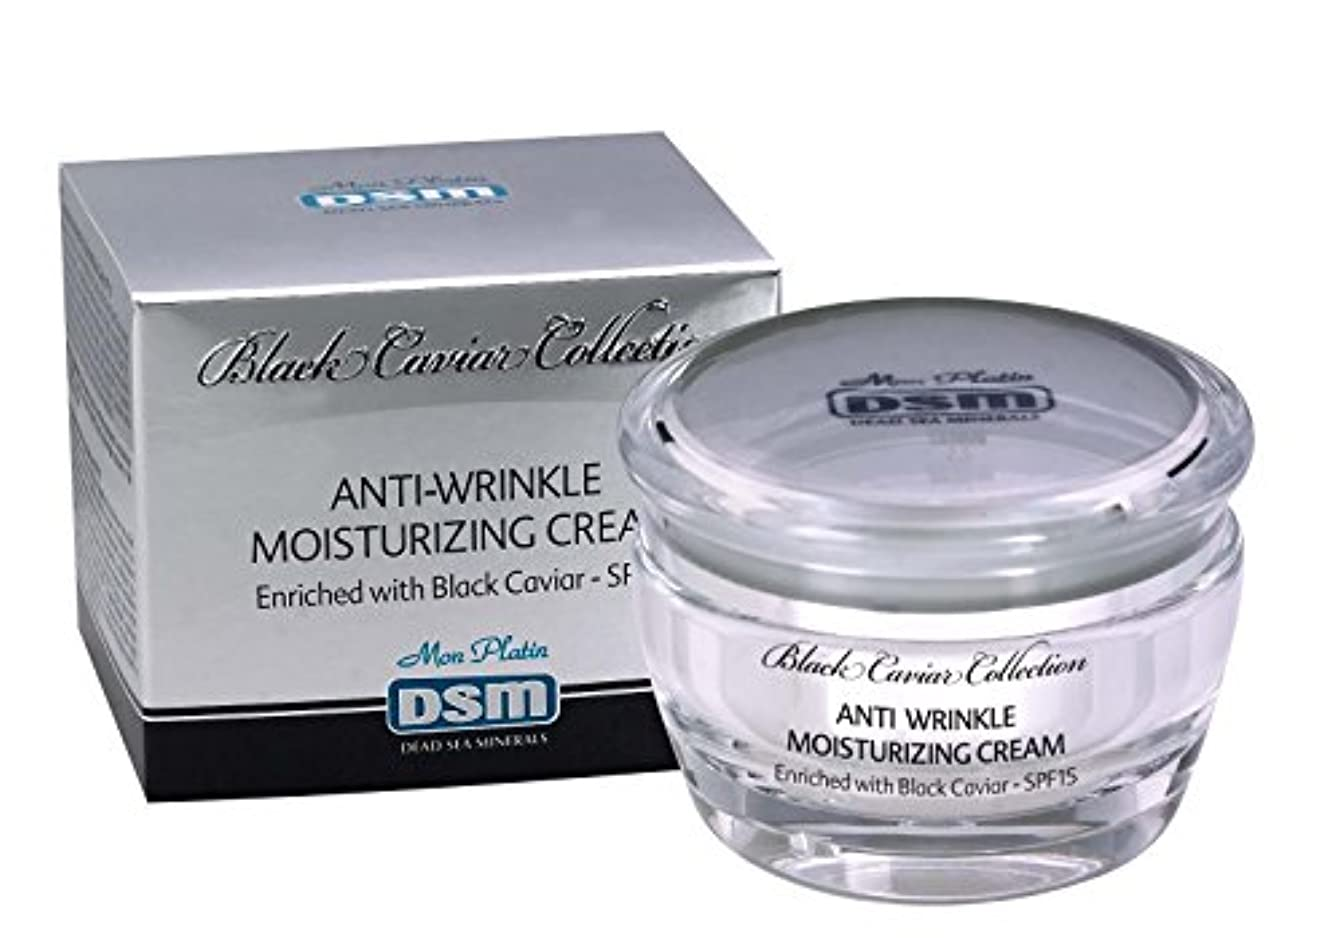 最後に孤独な燃やす皺取りしっとり湿潤クリーム 黒キャビア SPF15 死海ミネラル50mL Mon Platin 全皮膚タイプ ミネラル お顔 (Anti-Wrinkle Moisturizing Cream with Black Caviar SPF 15)